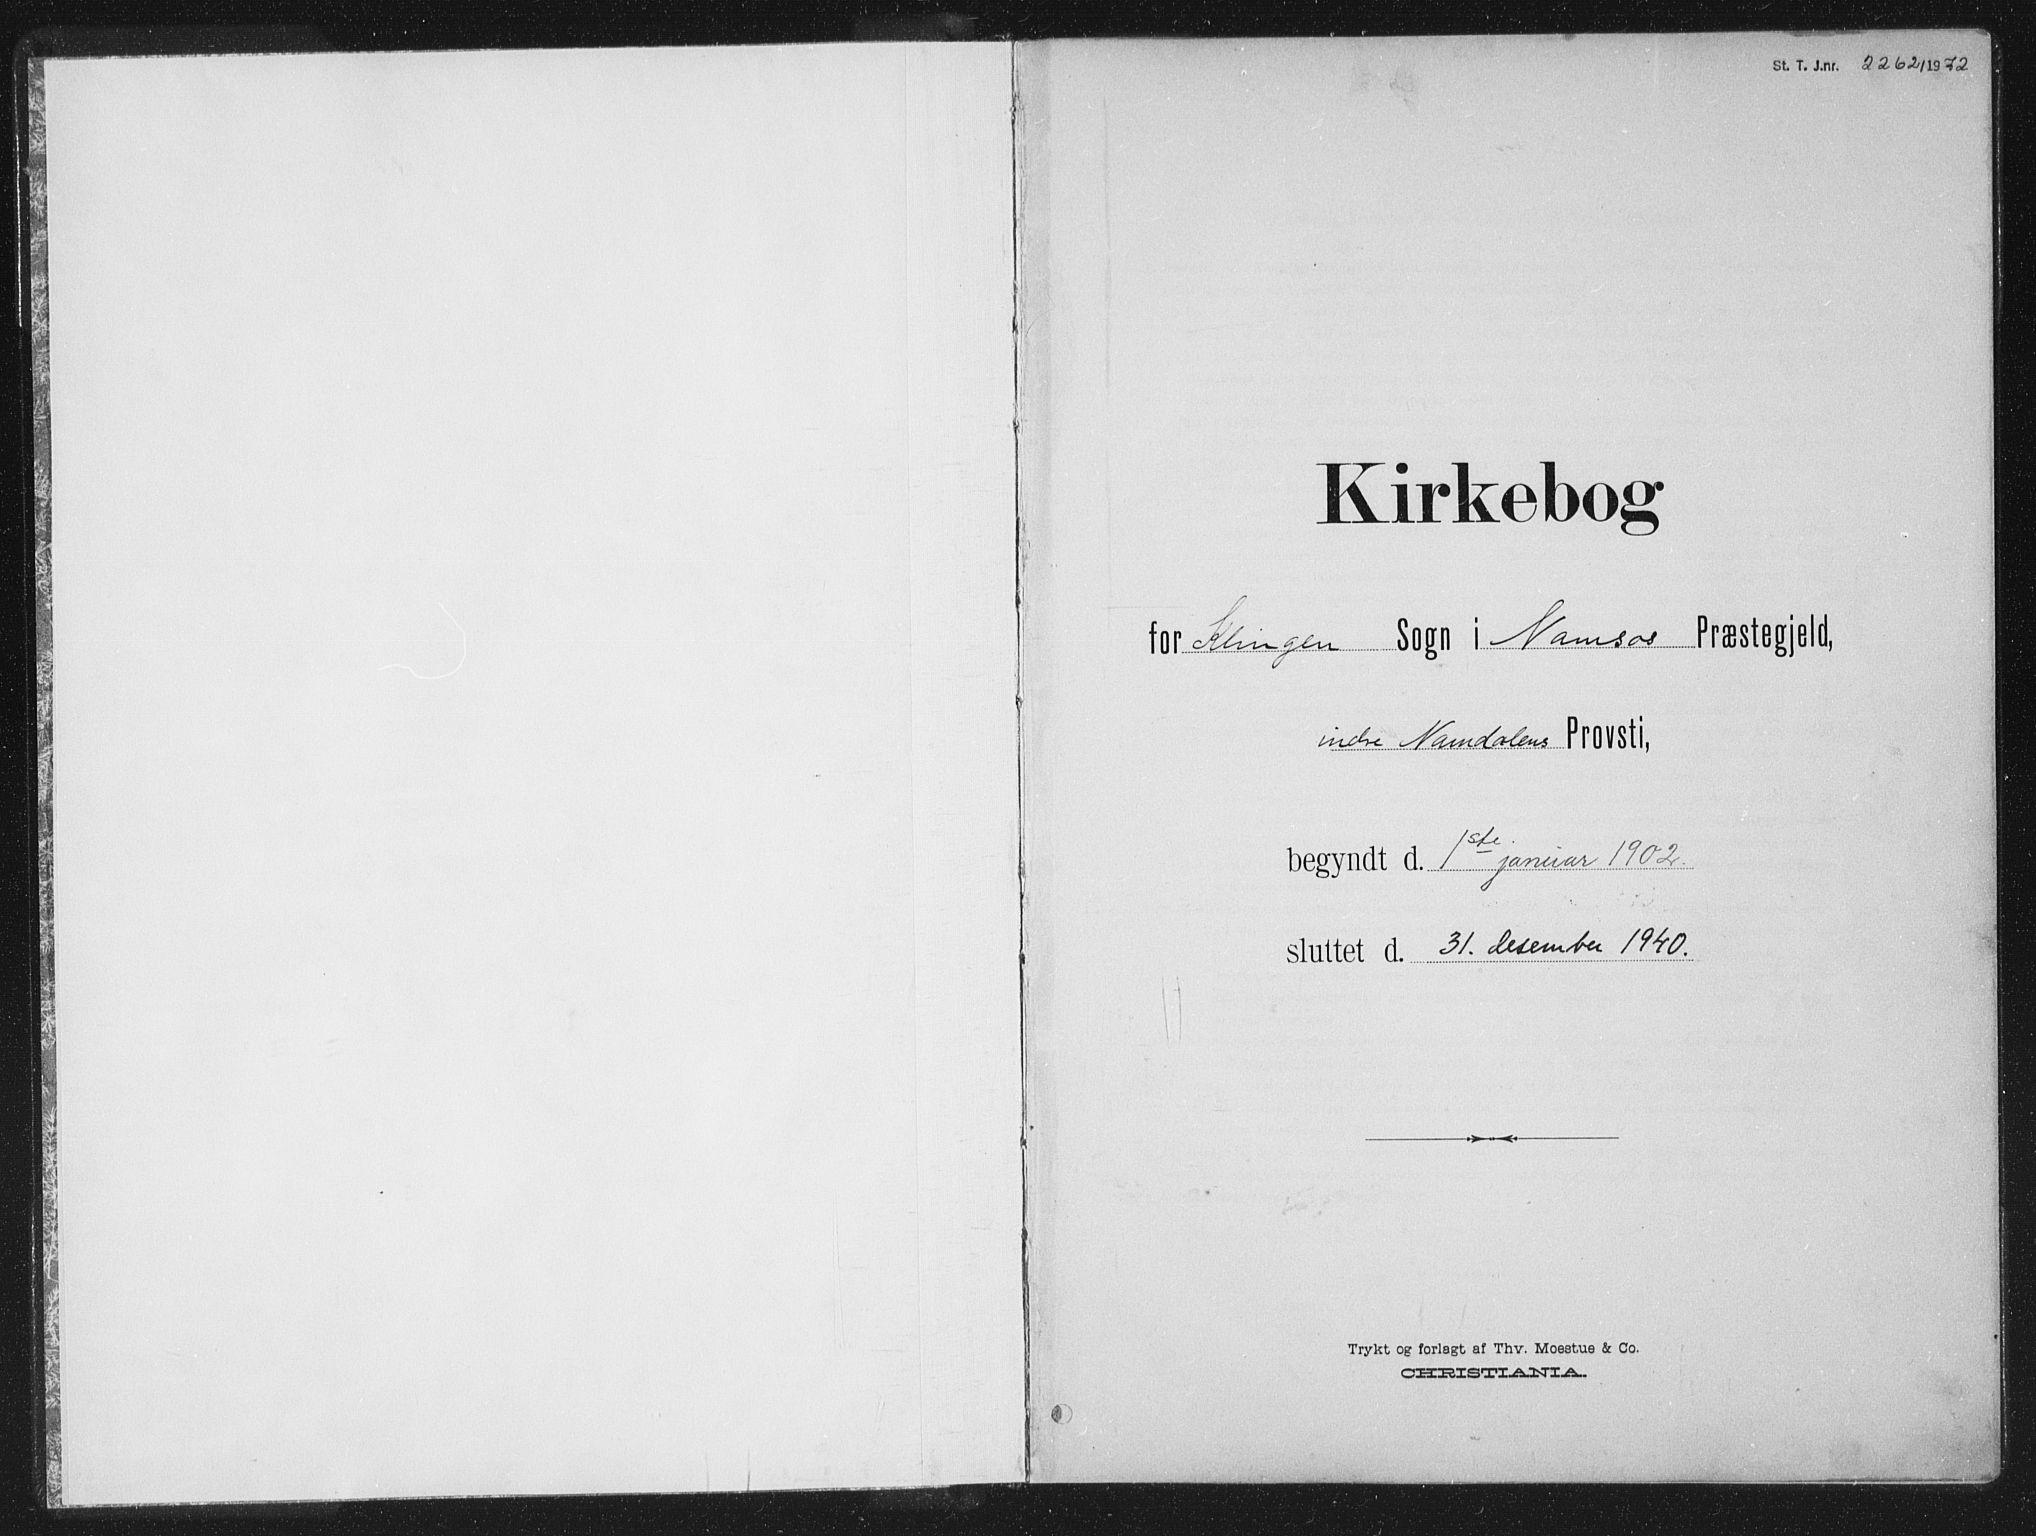 SAT, Ministerialprotokoller, klokkerbøker og fødselsregistre - Nord-Trøndelag, 770/L0591: Klokkerbok nr. 770C02, 1902-1940